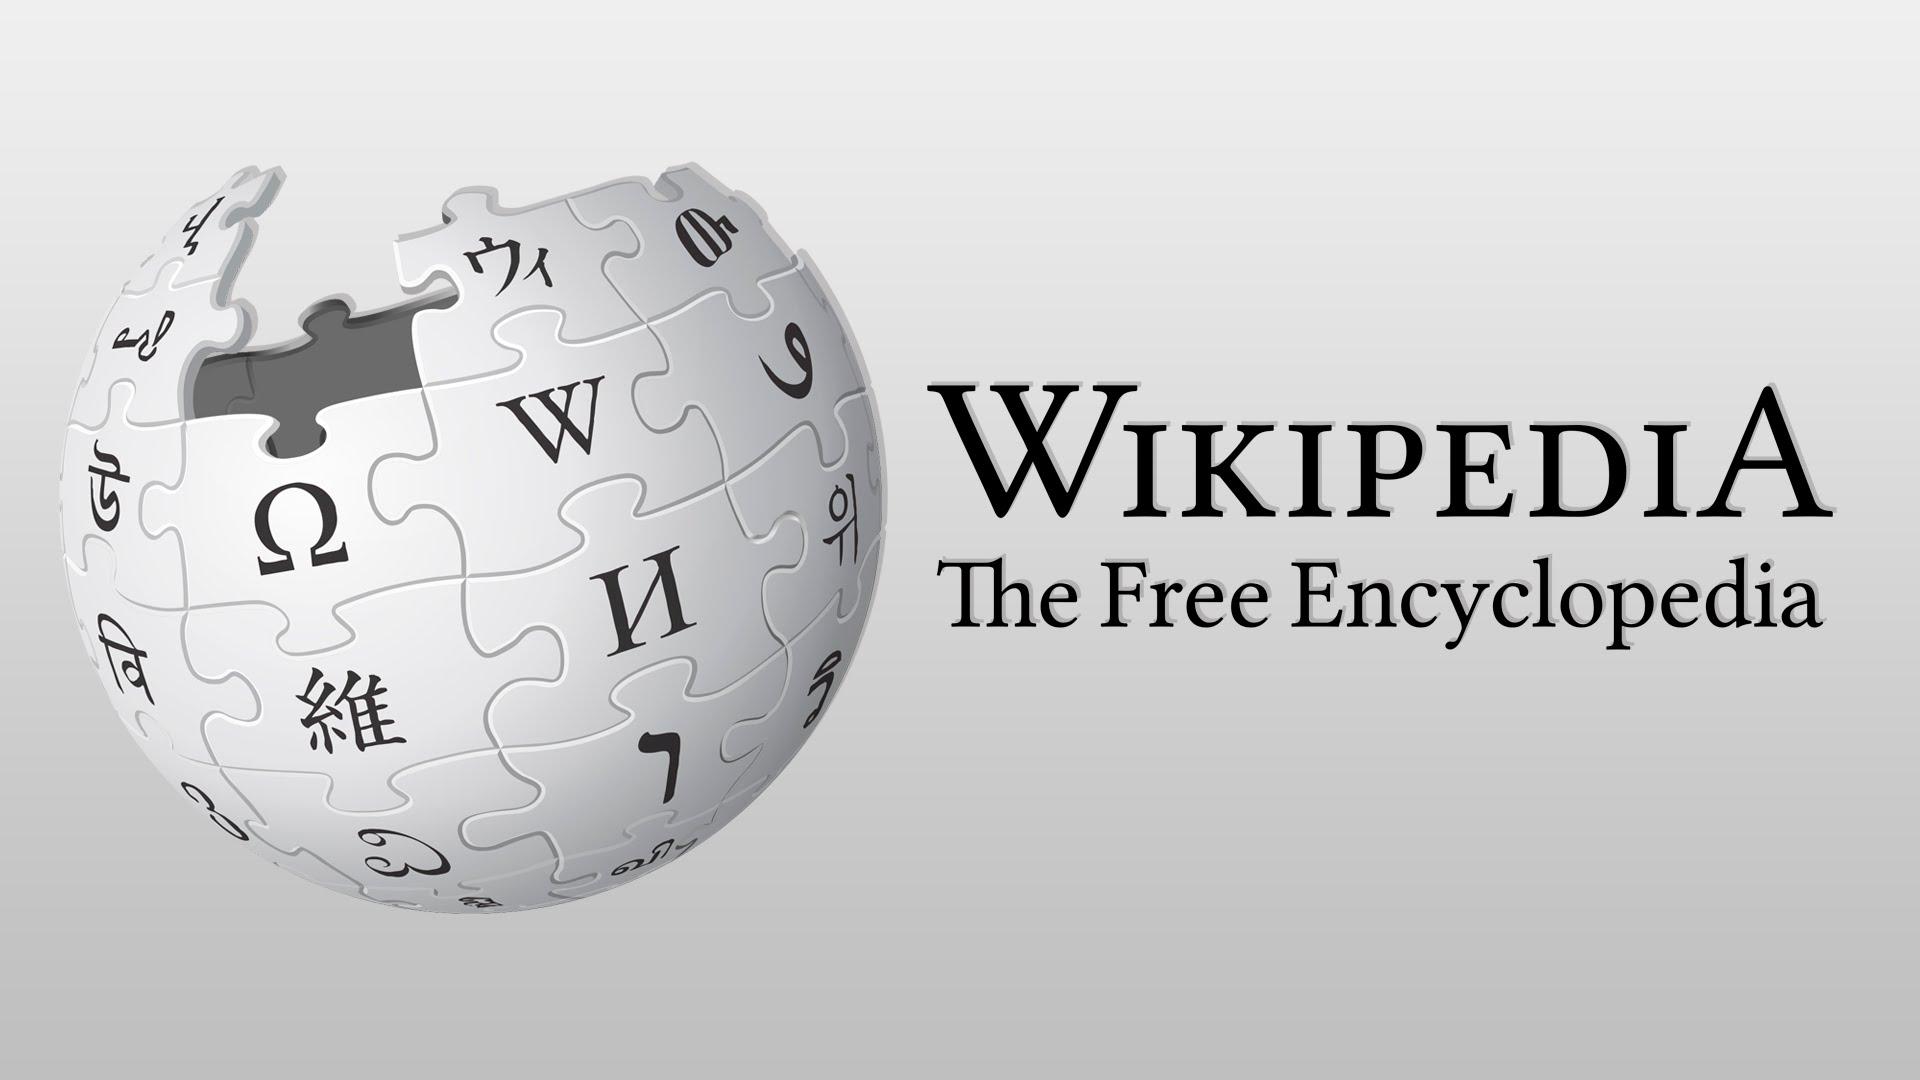 Wikipedia Italia oscura tutte le pagine per protesta contro direttiva UE sul copyright